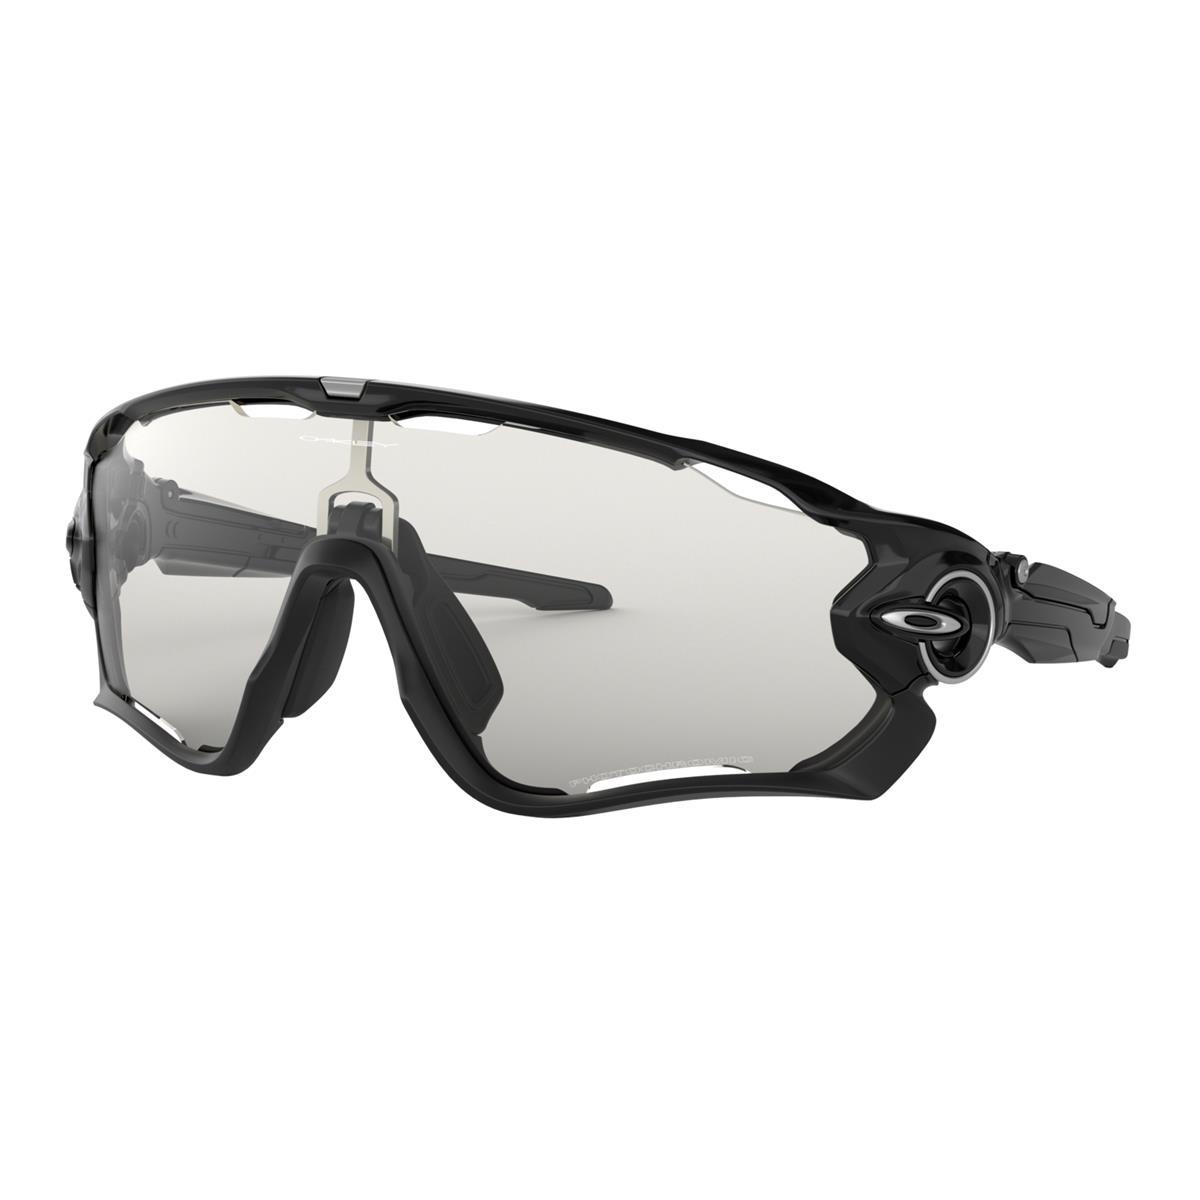 Oakley Sportbrille Jawbreaker Polished Schwarz - Schwarz Iridium Photochrom